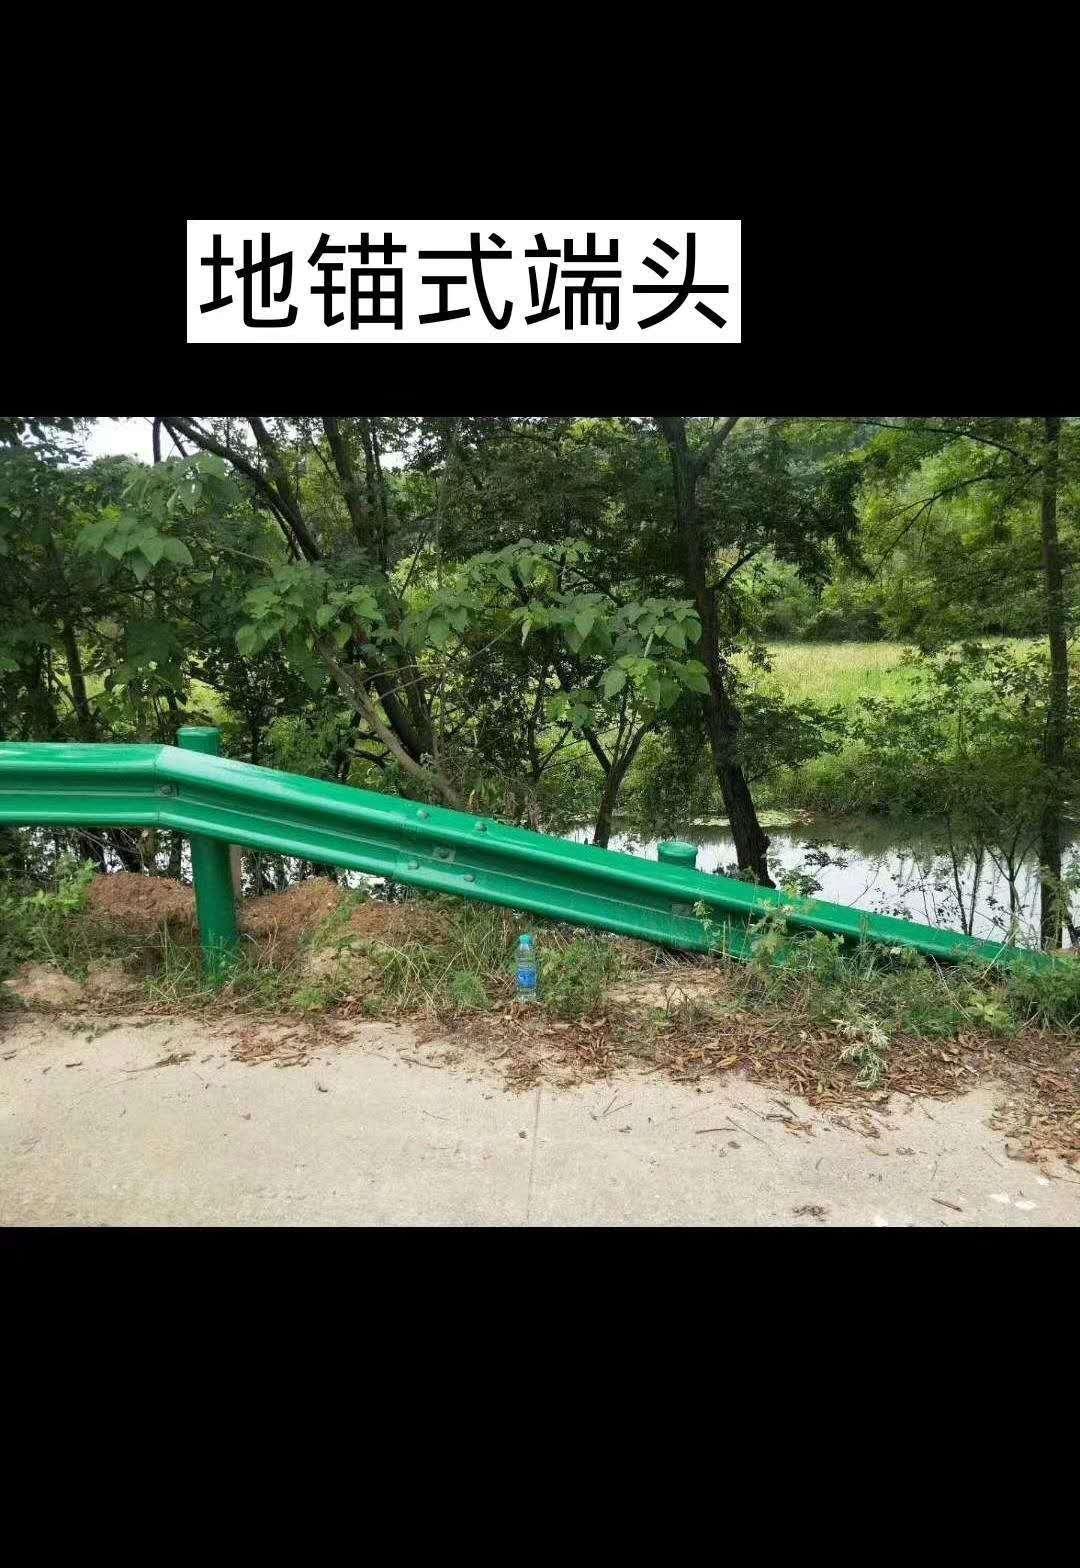 普洱市孟连傣族拉祜族佤族自治县波形护栏板厂家直销